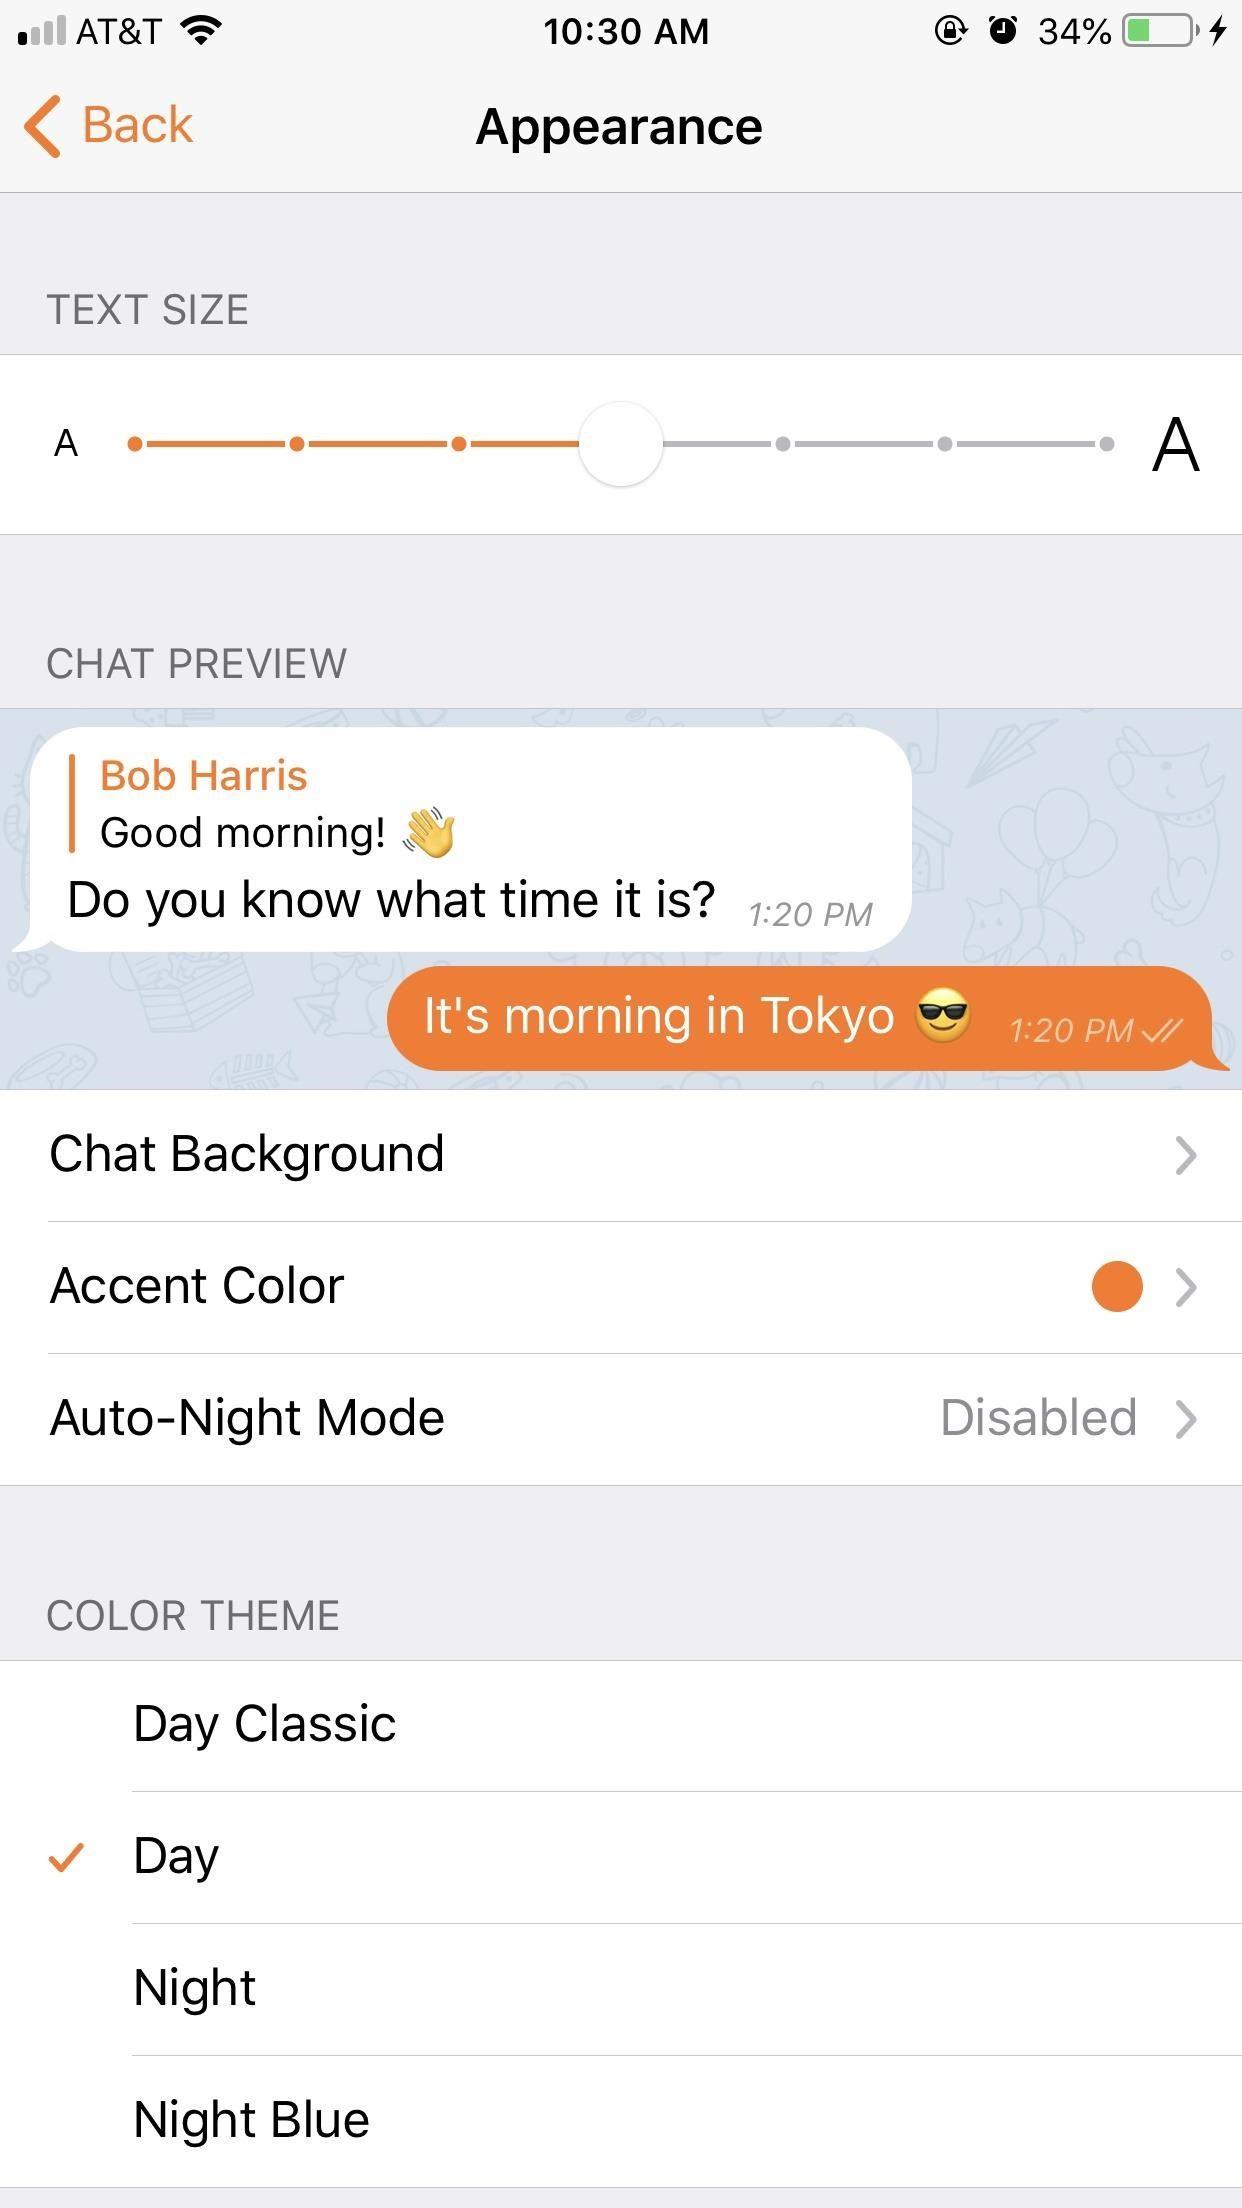 چگونه پس زمینه تلگرام خود را عوض کنیم